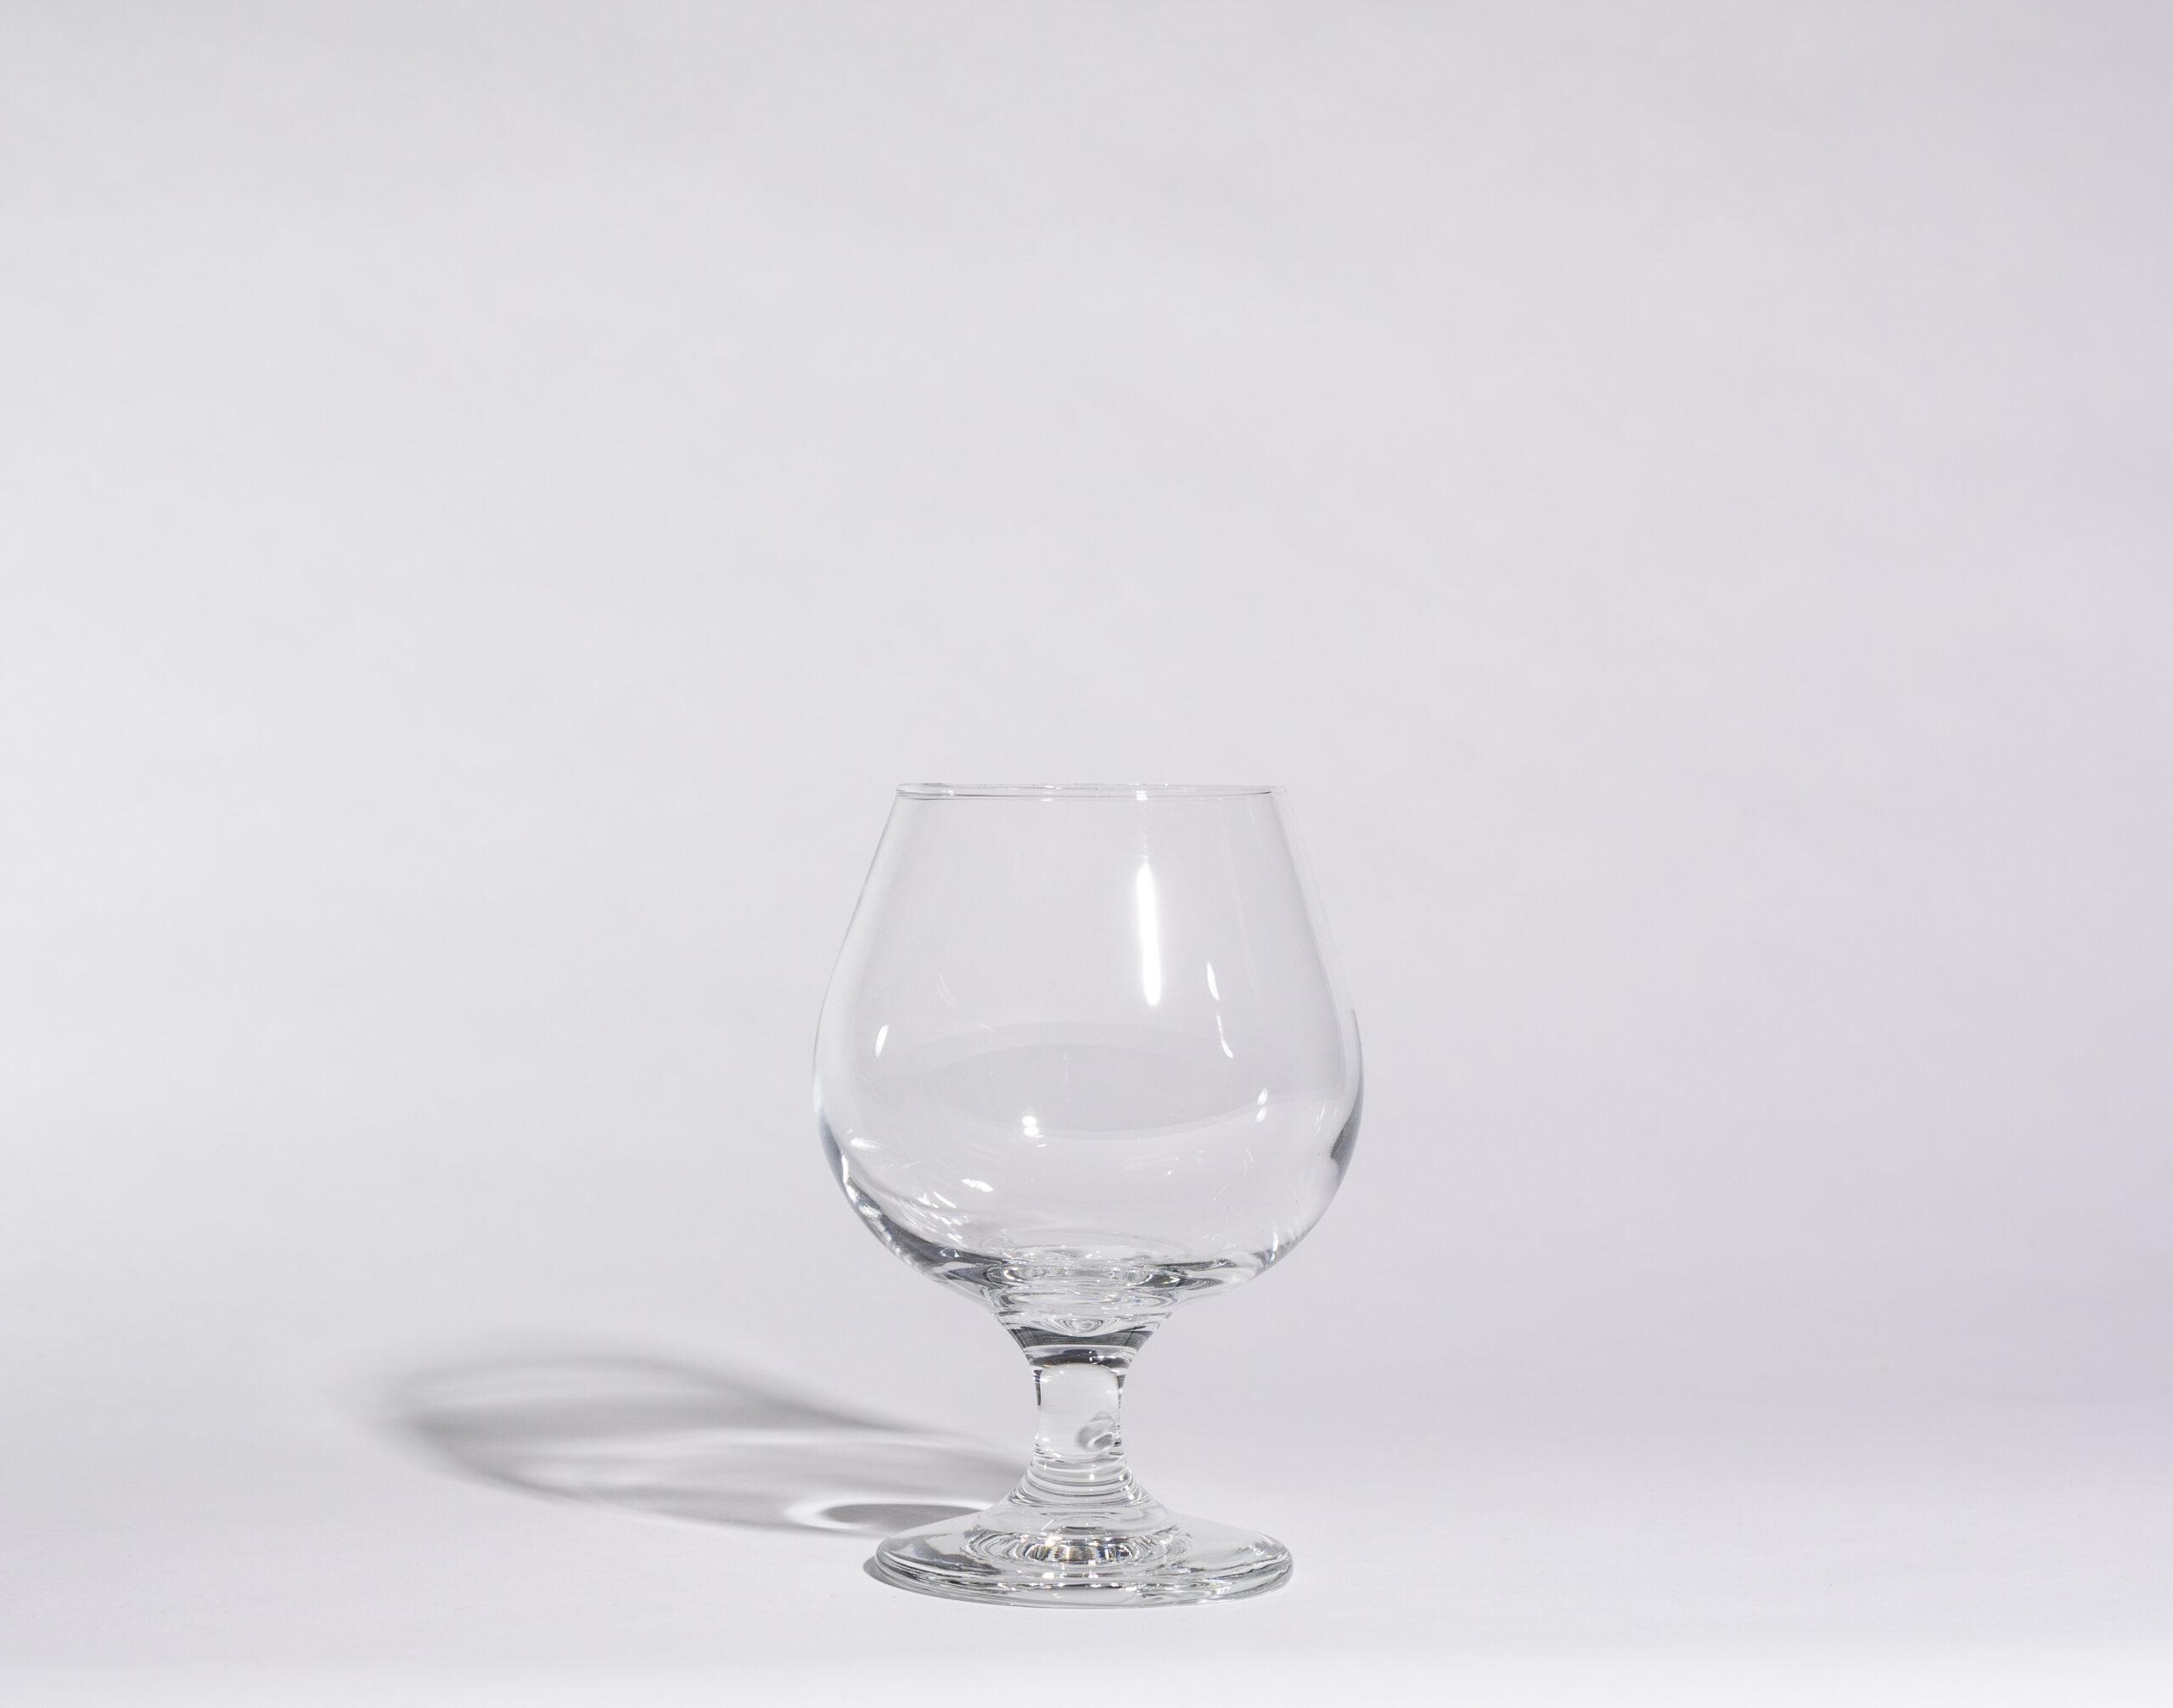 Brandy glasses (12oz, stemmed)